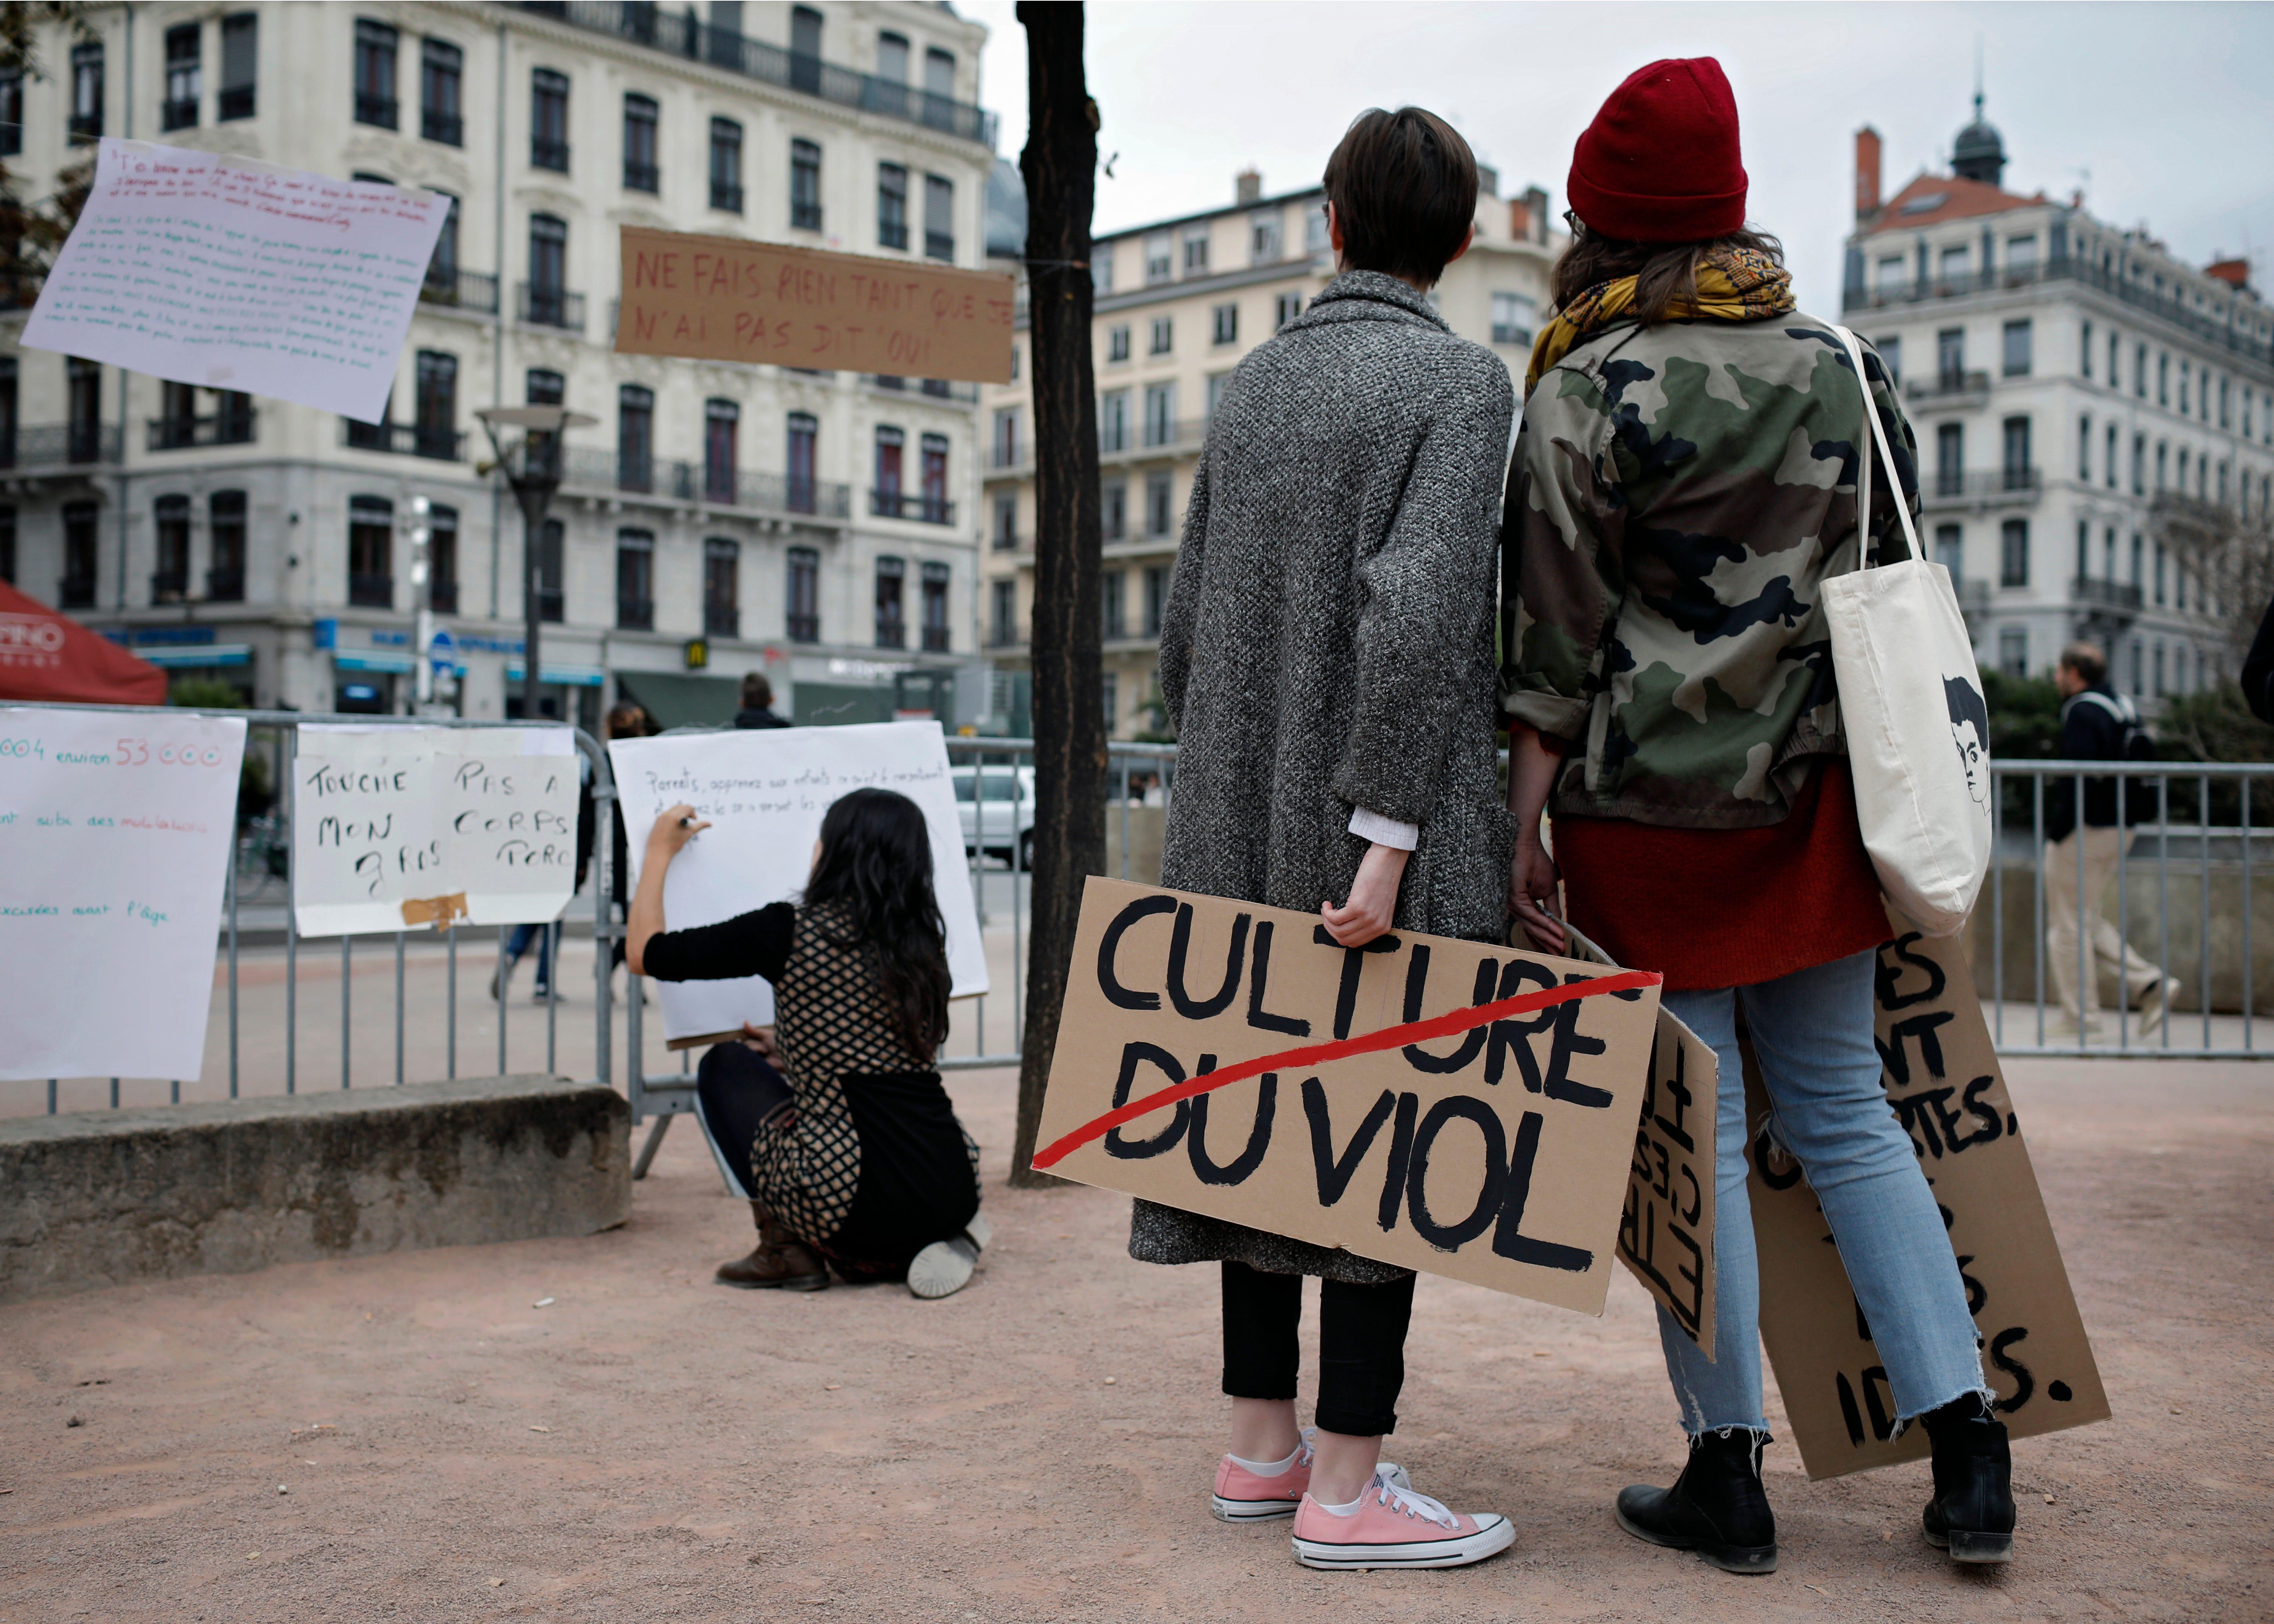 France bans catcalling, outlines steep fines for gender-based street harassment